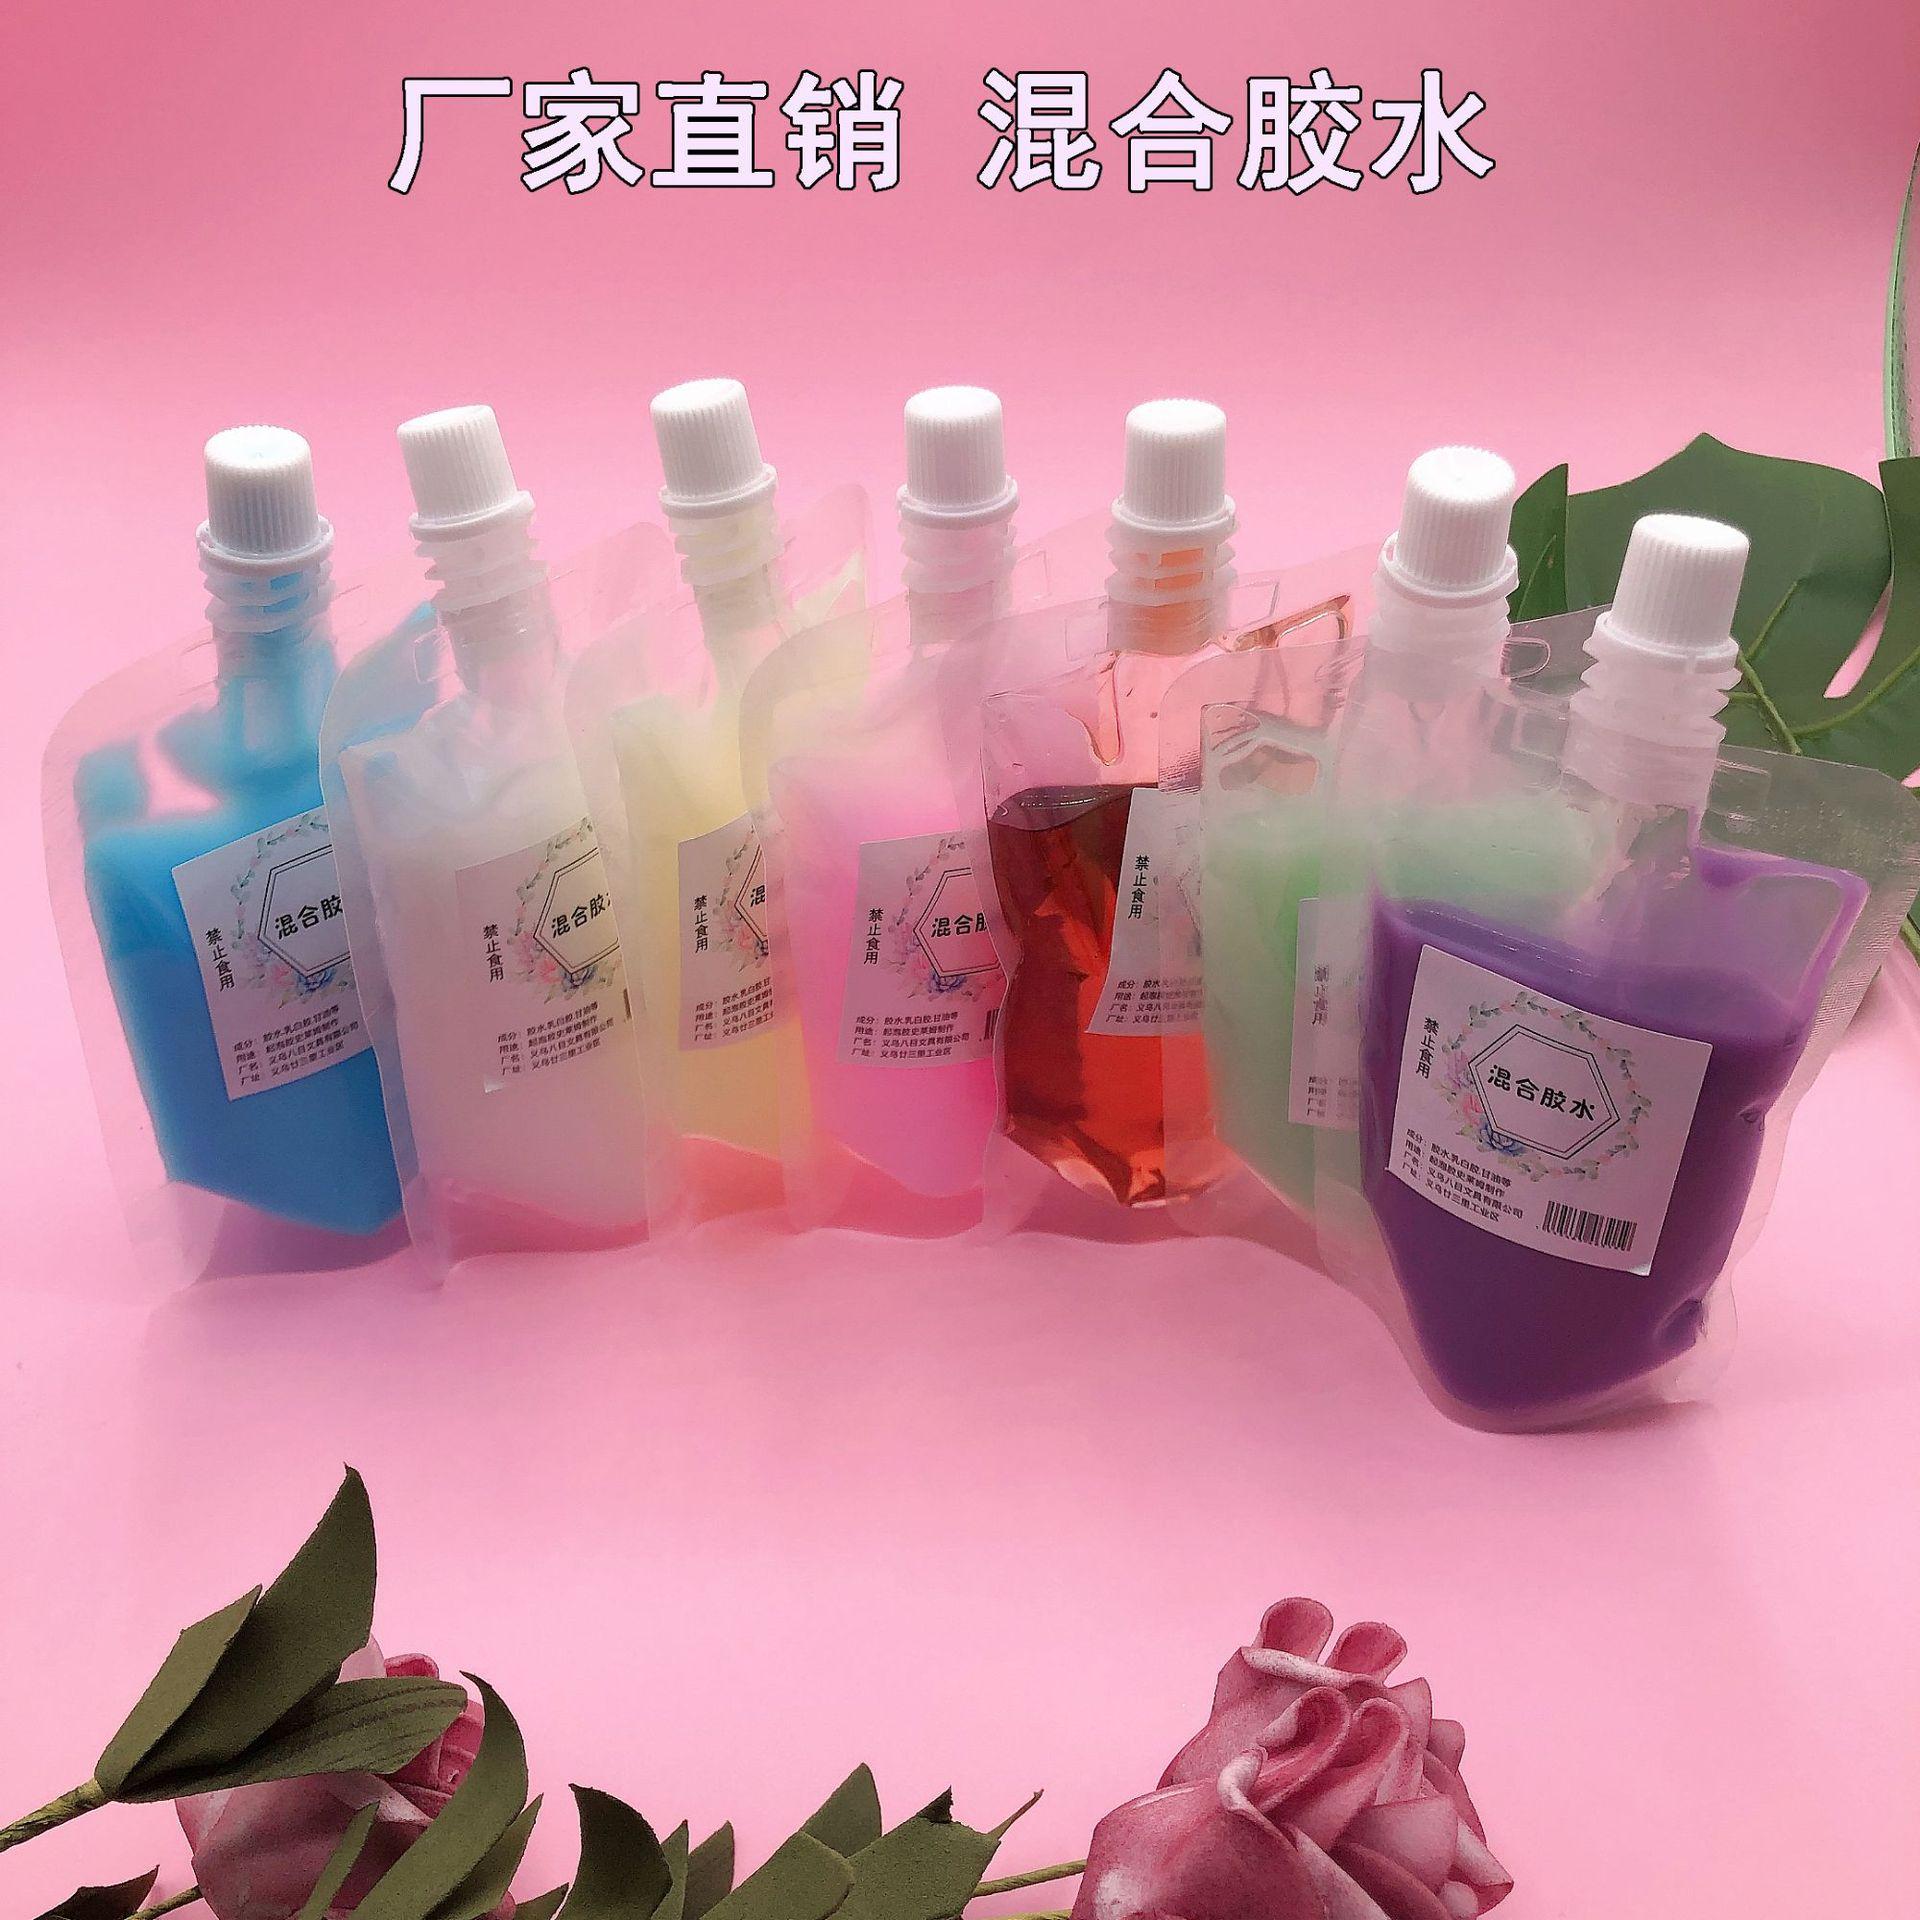 便宜好玩混合胶水 新型自制diy彩色起泡胶材料 创意史莱姆乳白胶